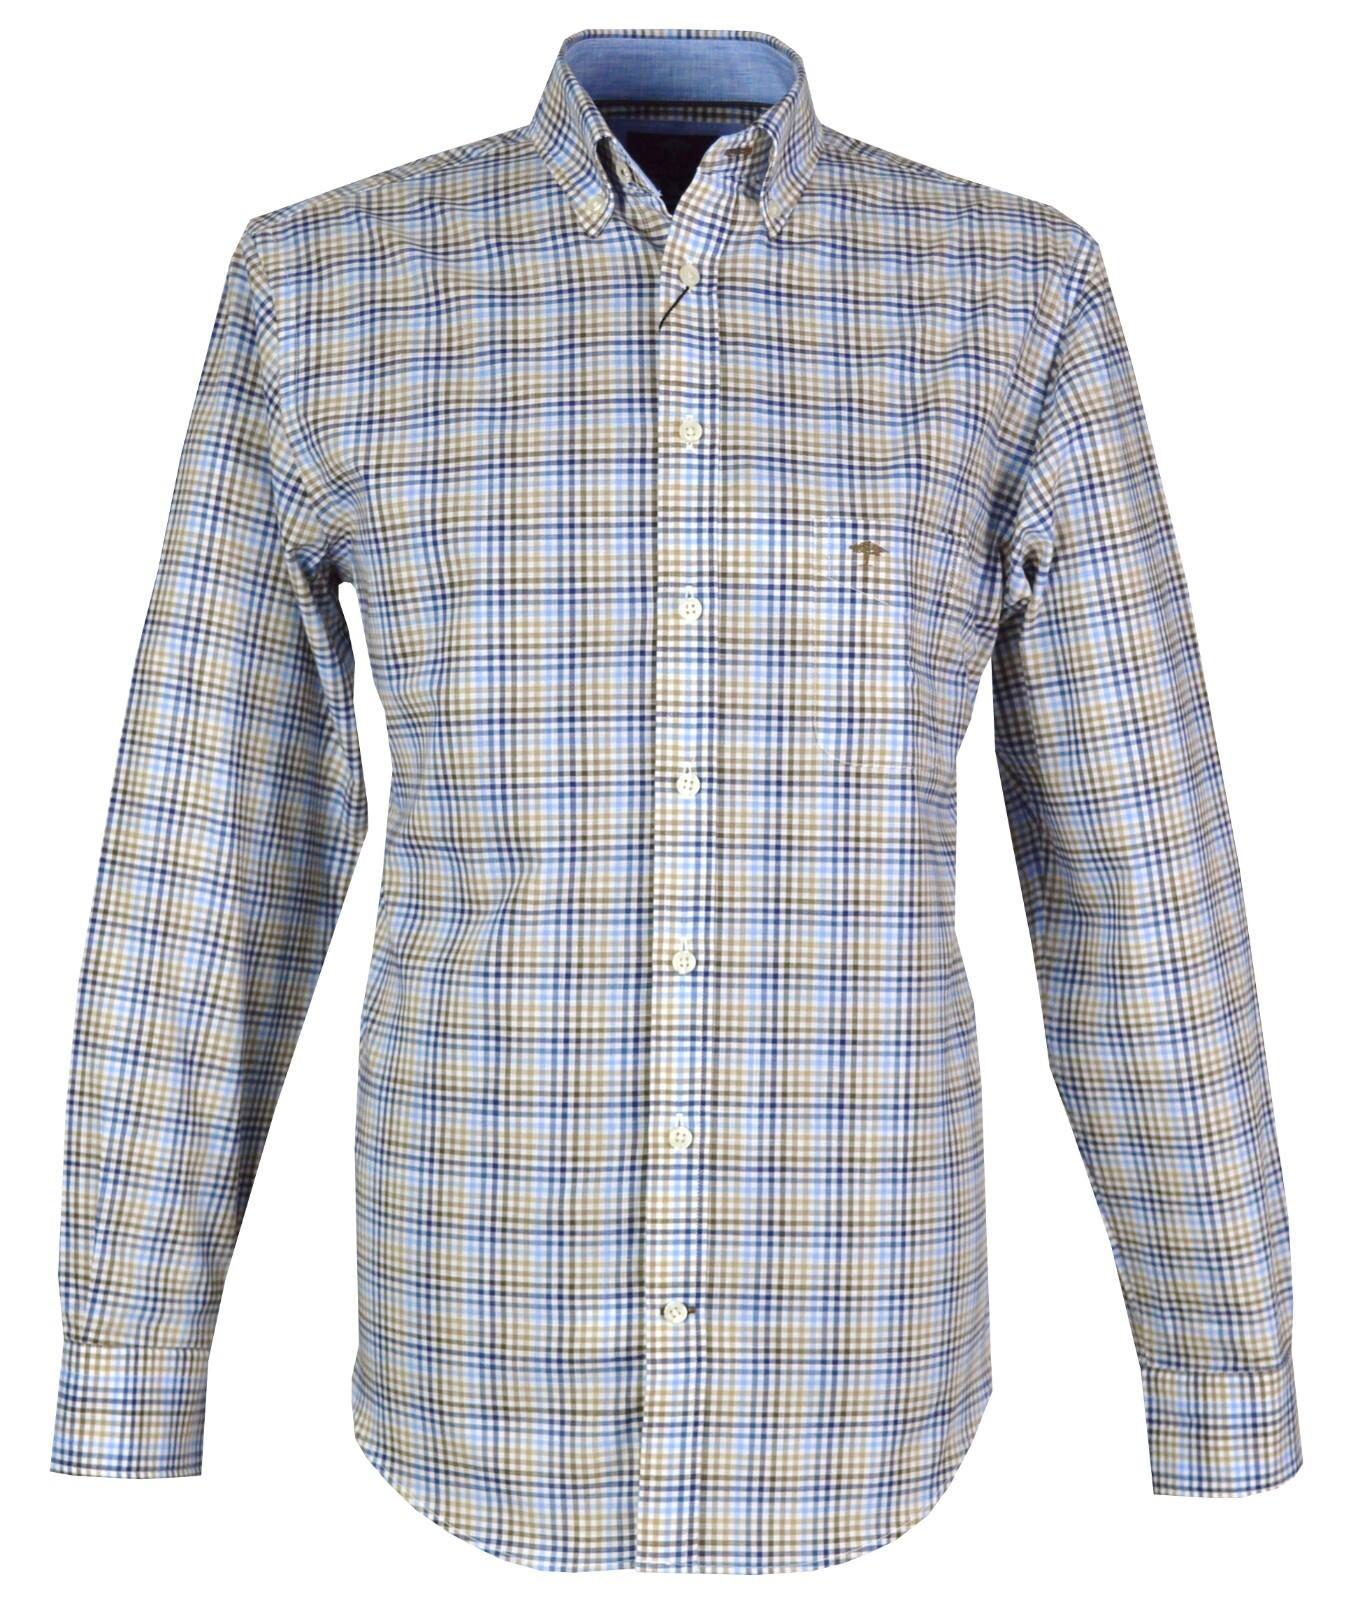 Fynch Hatton Men`s Casual Shirt - 1118-5080